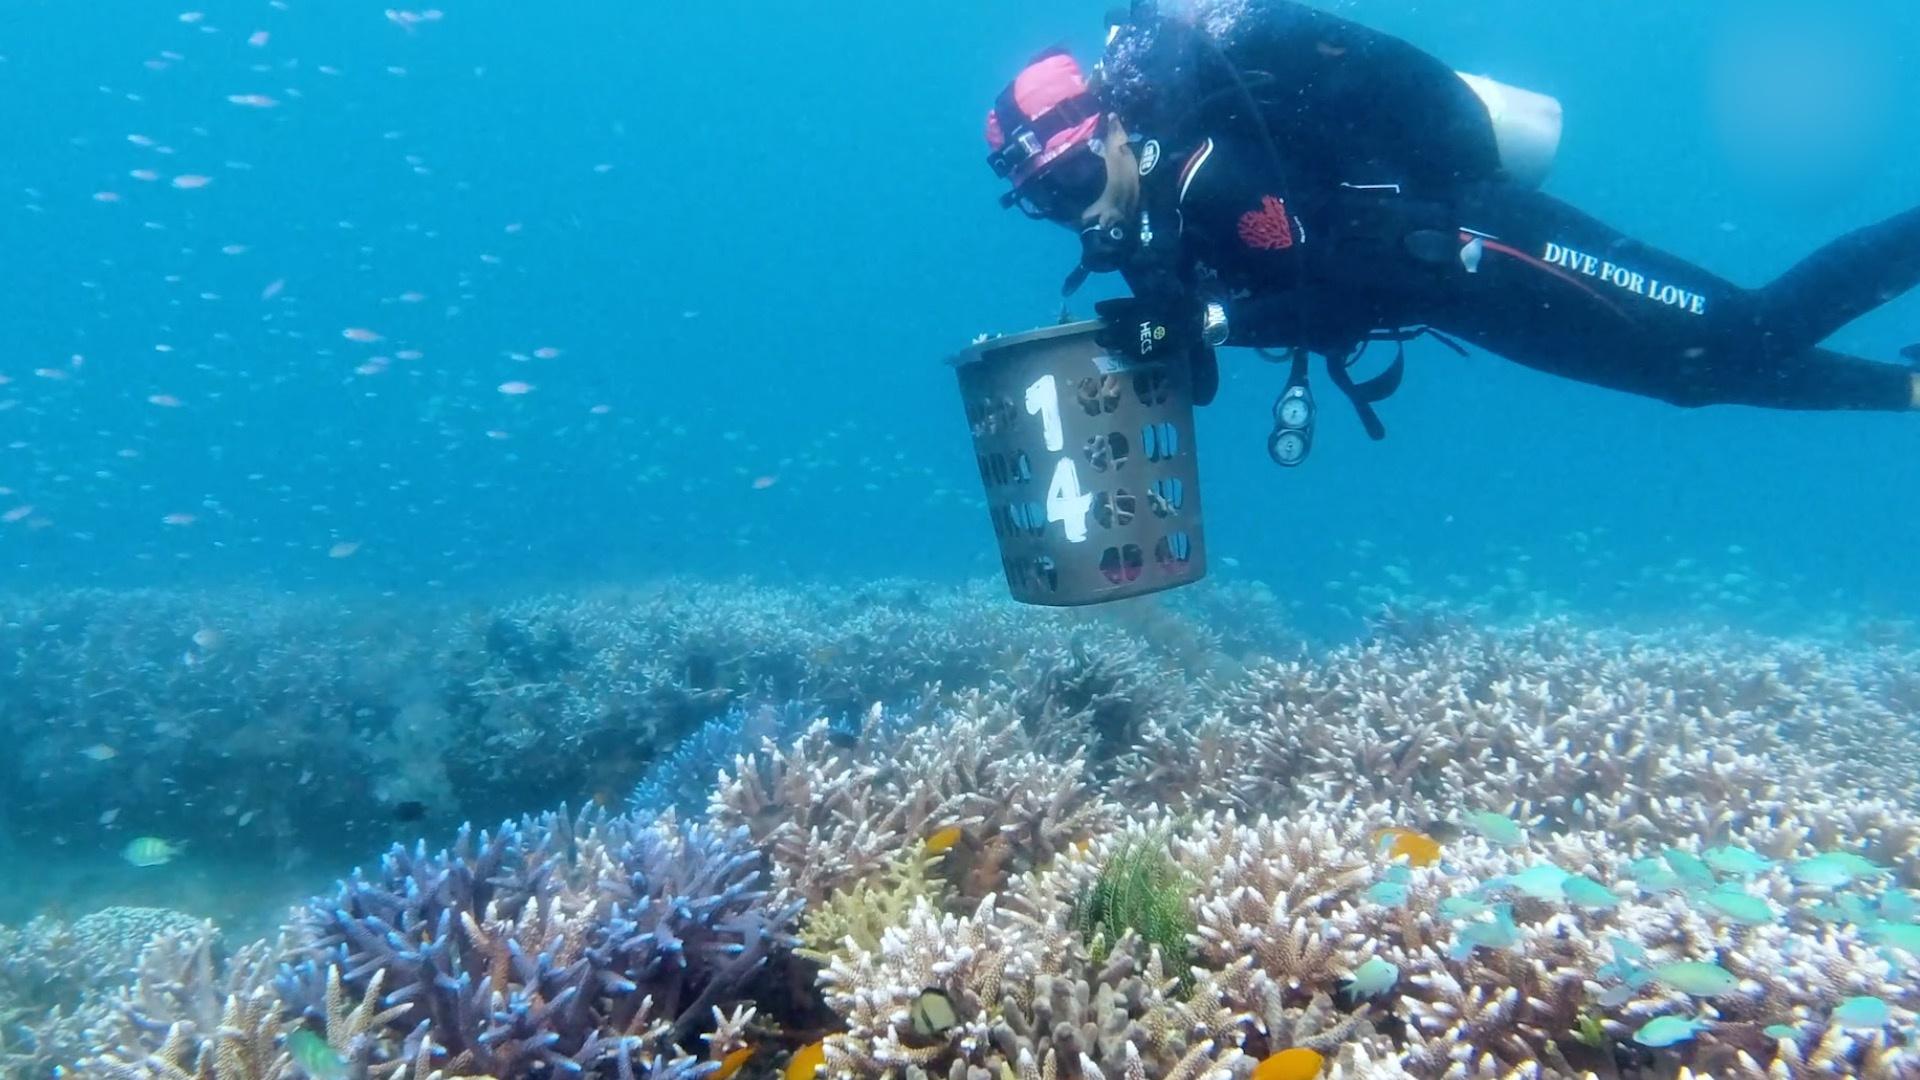 摩天招商的人潜摩天招商入海底固定珊瑚图片